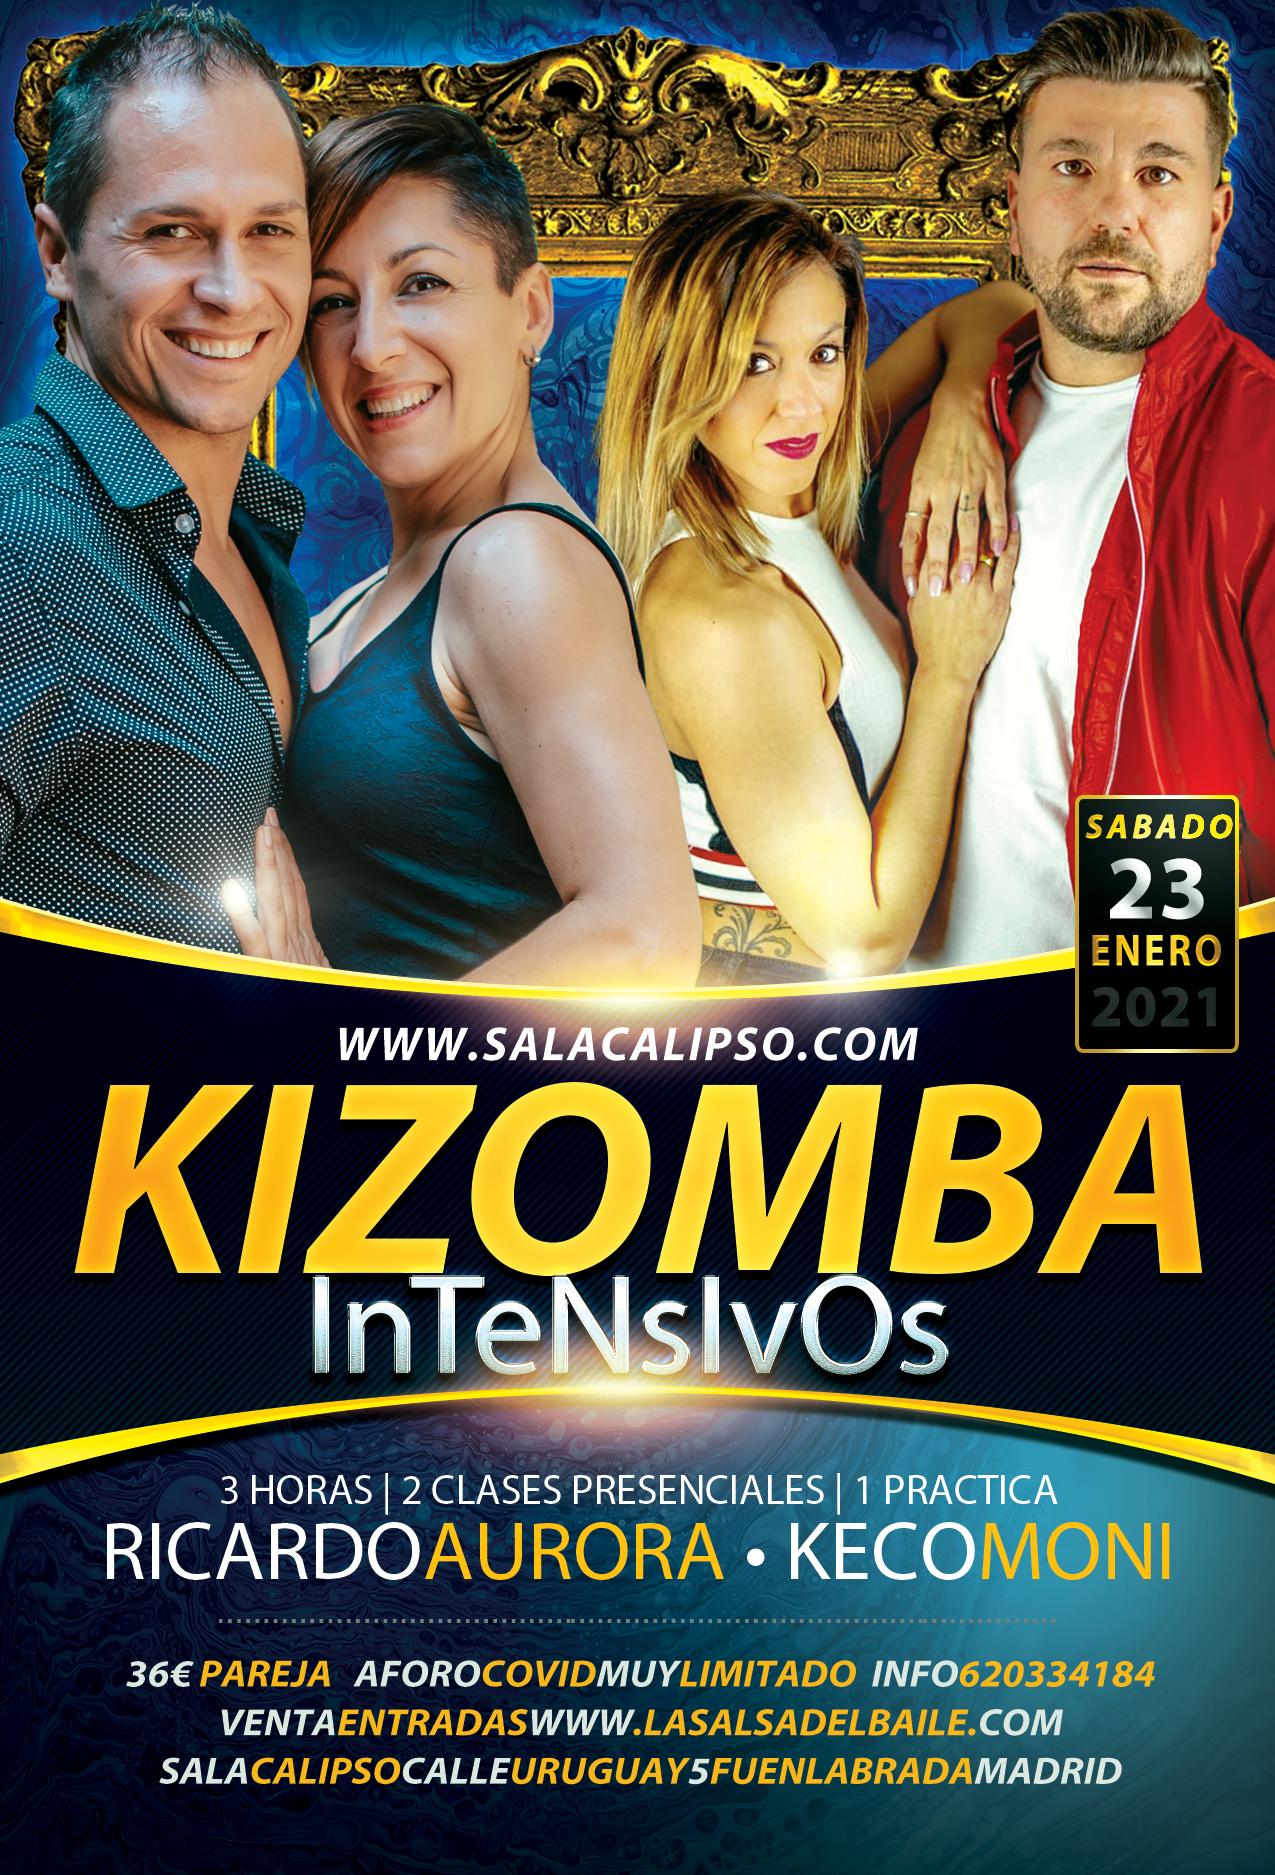 Intensivo Kizomba - Sabado 23 Enero 2021